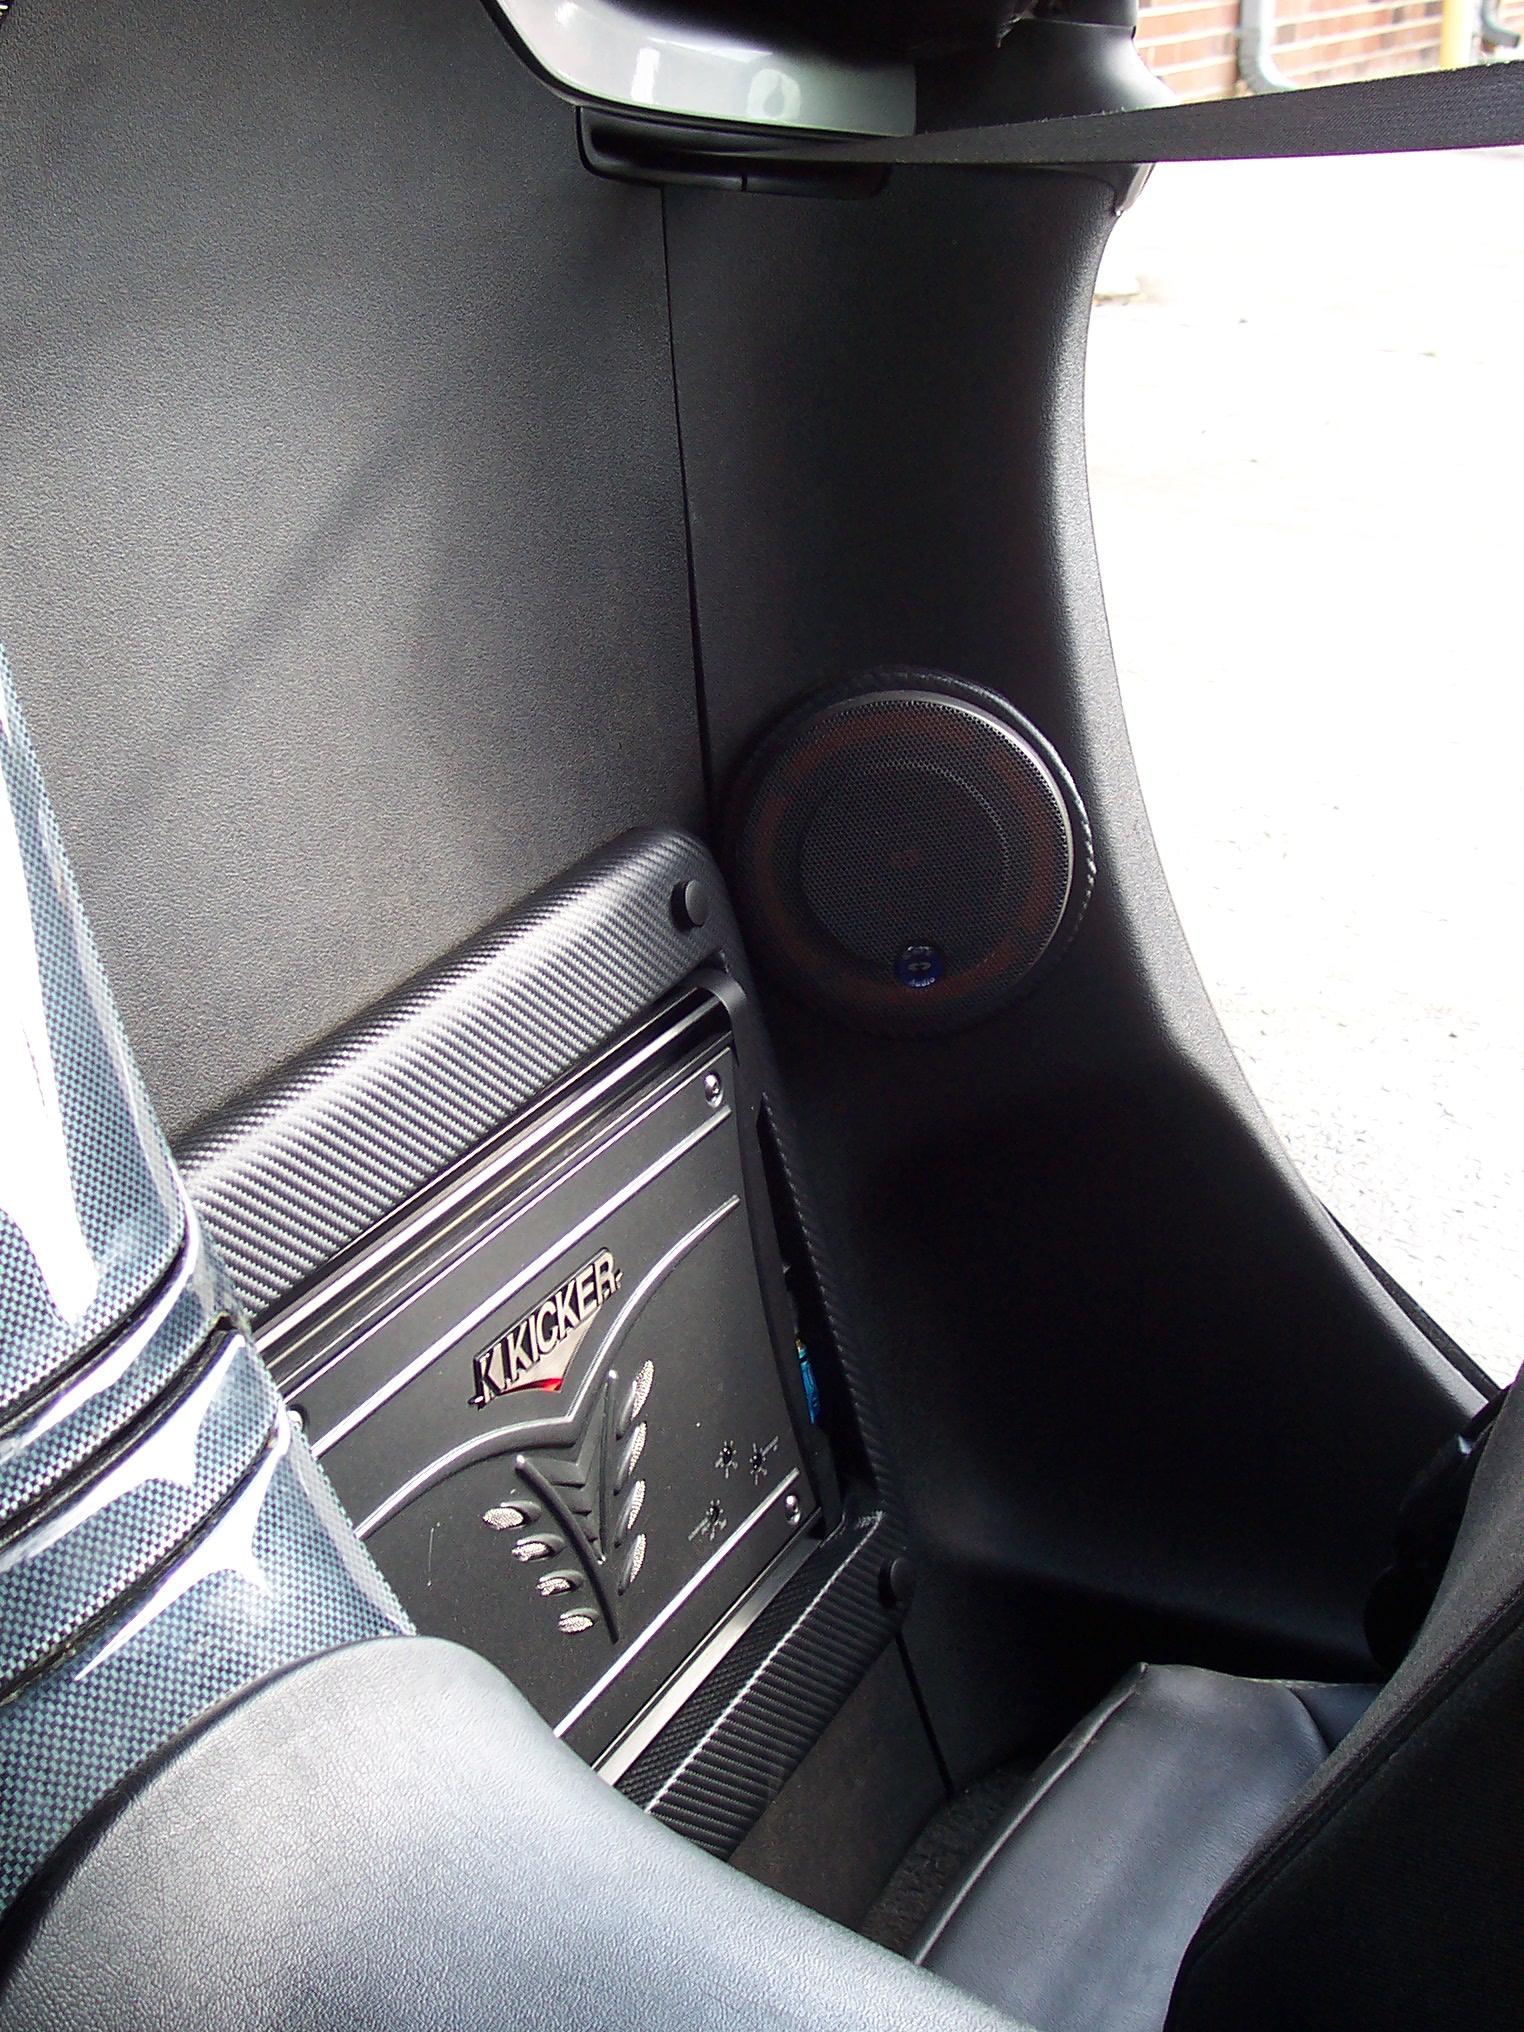 Pics of Speaker/Amp Install-100_3656.jpg